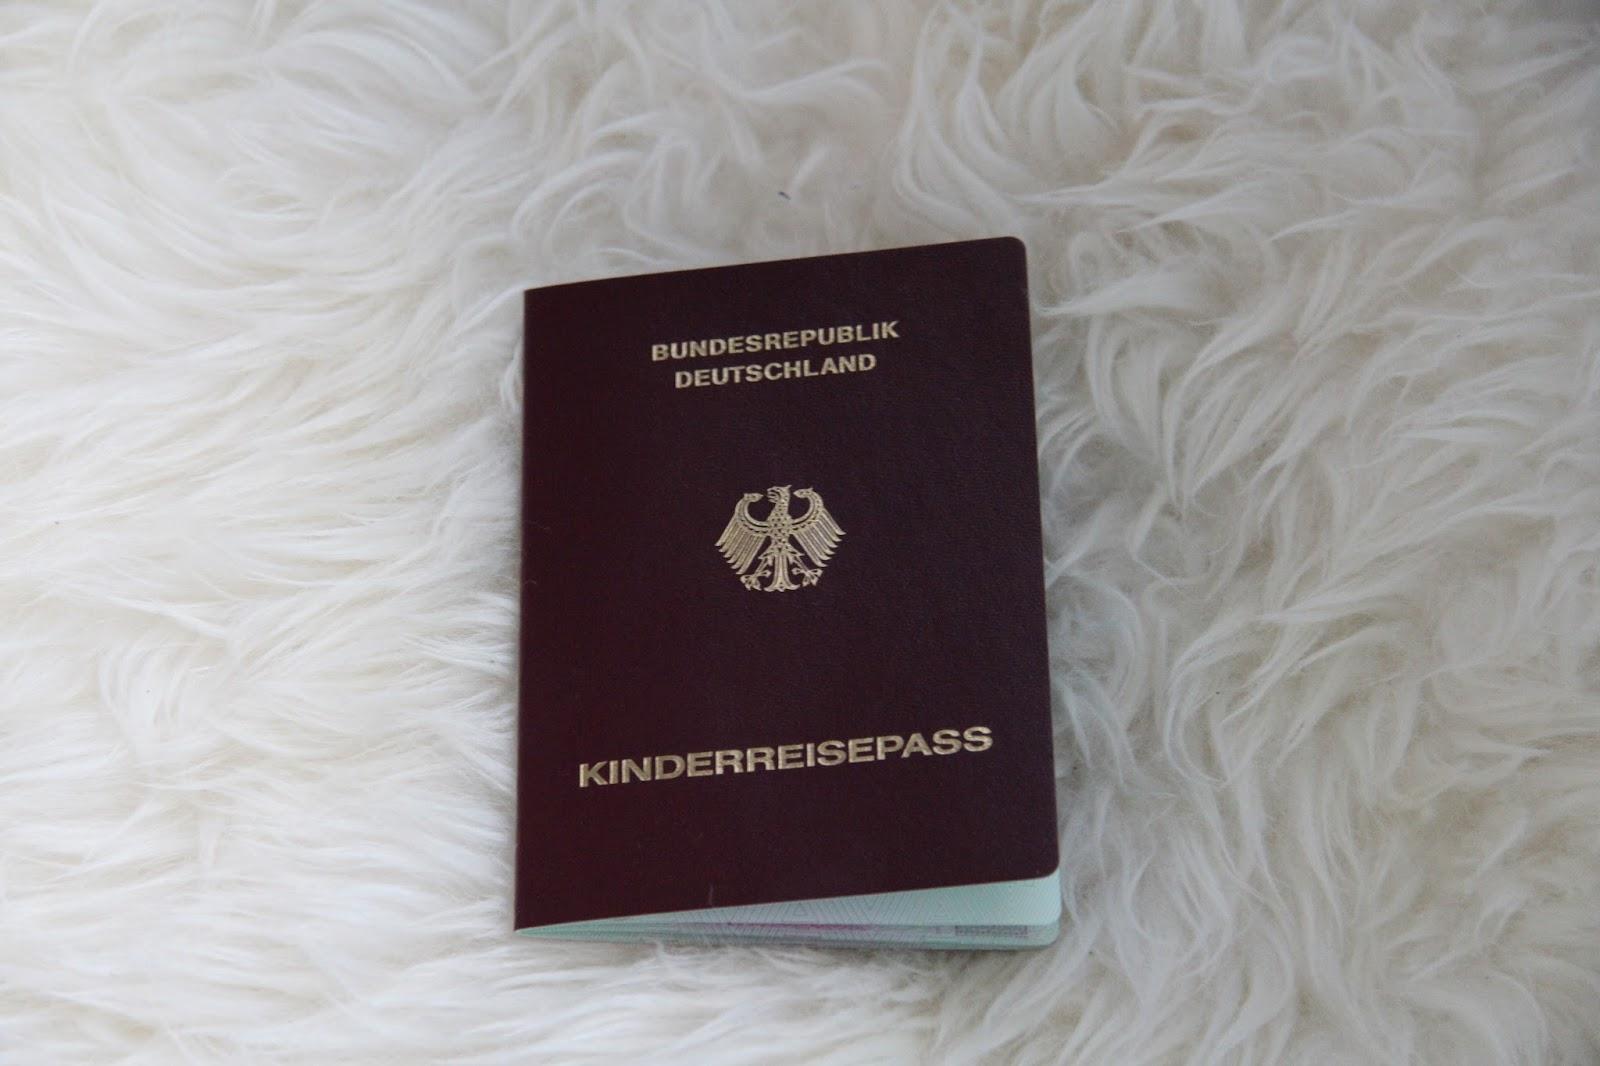 Suomalainen im Allgäu: Kaksoiskansalaisuus ja passin hakeminen lapselle Saksassa